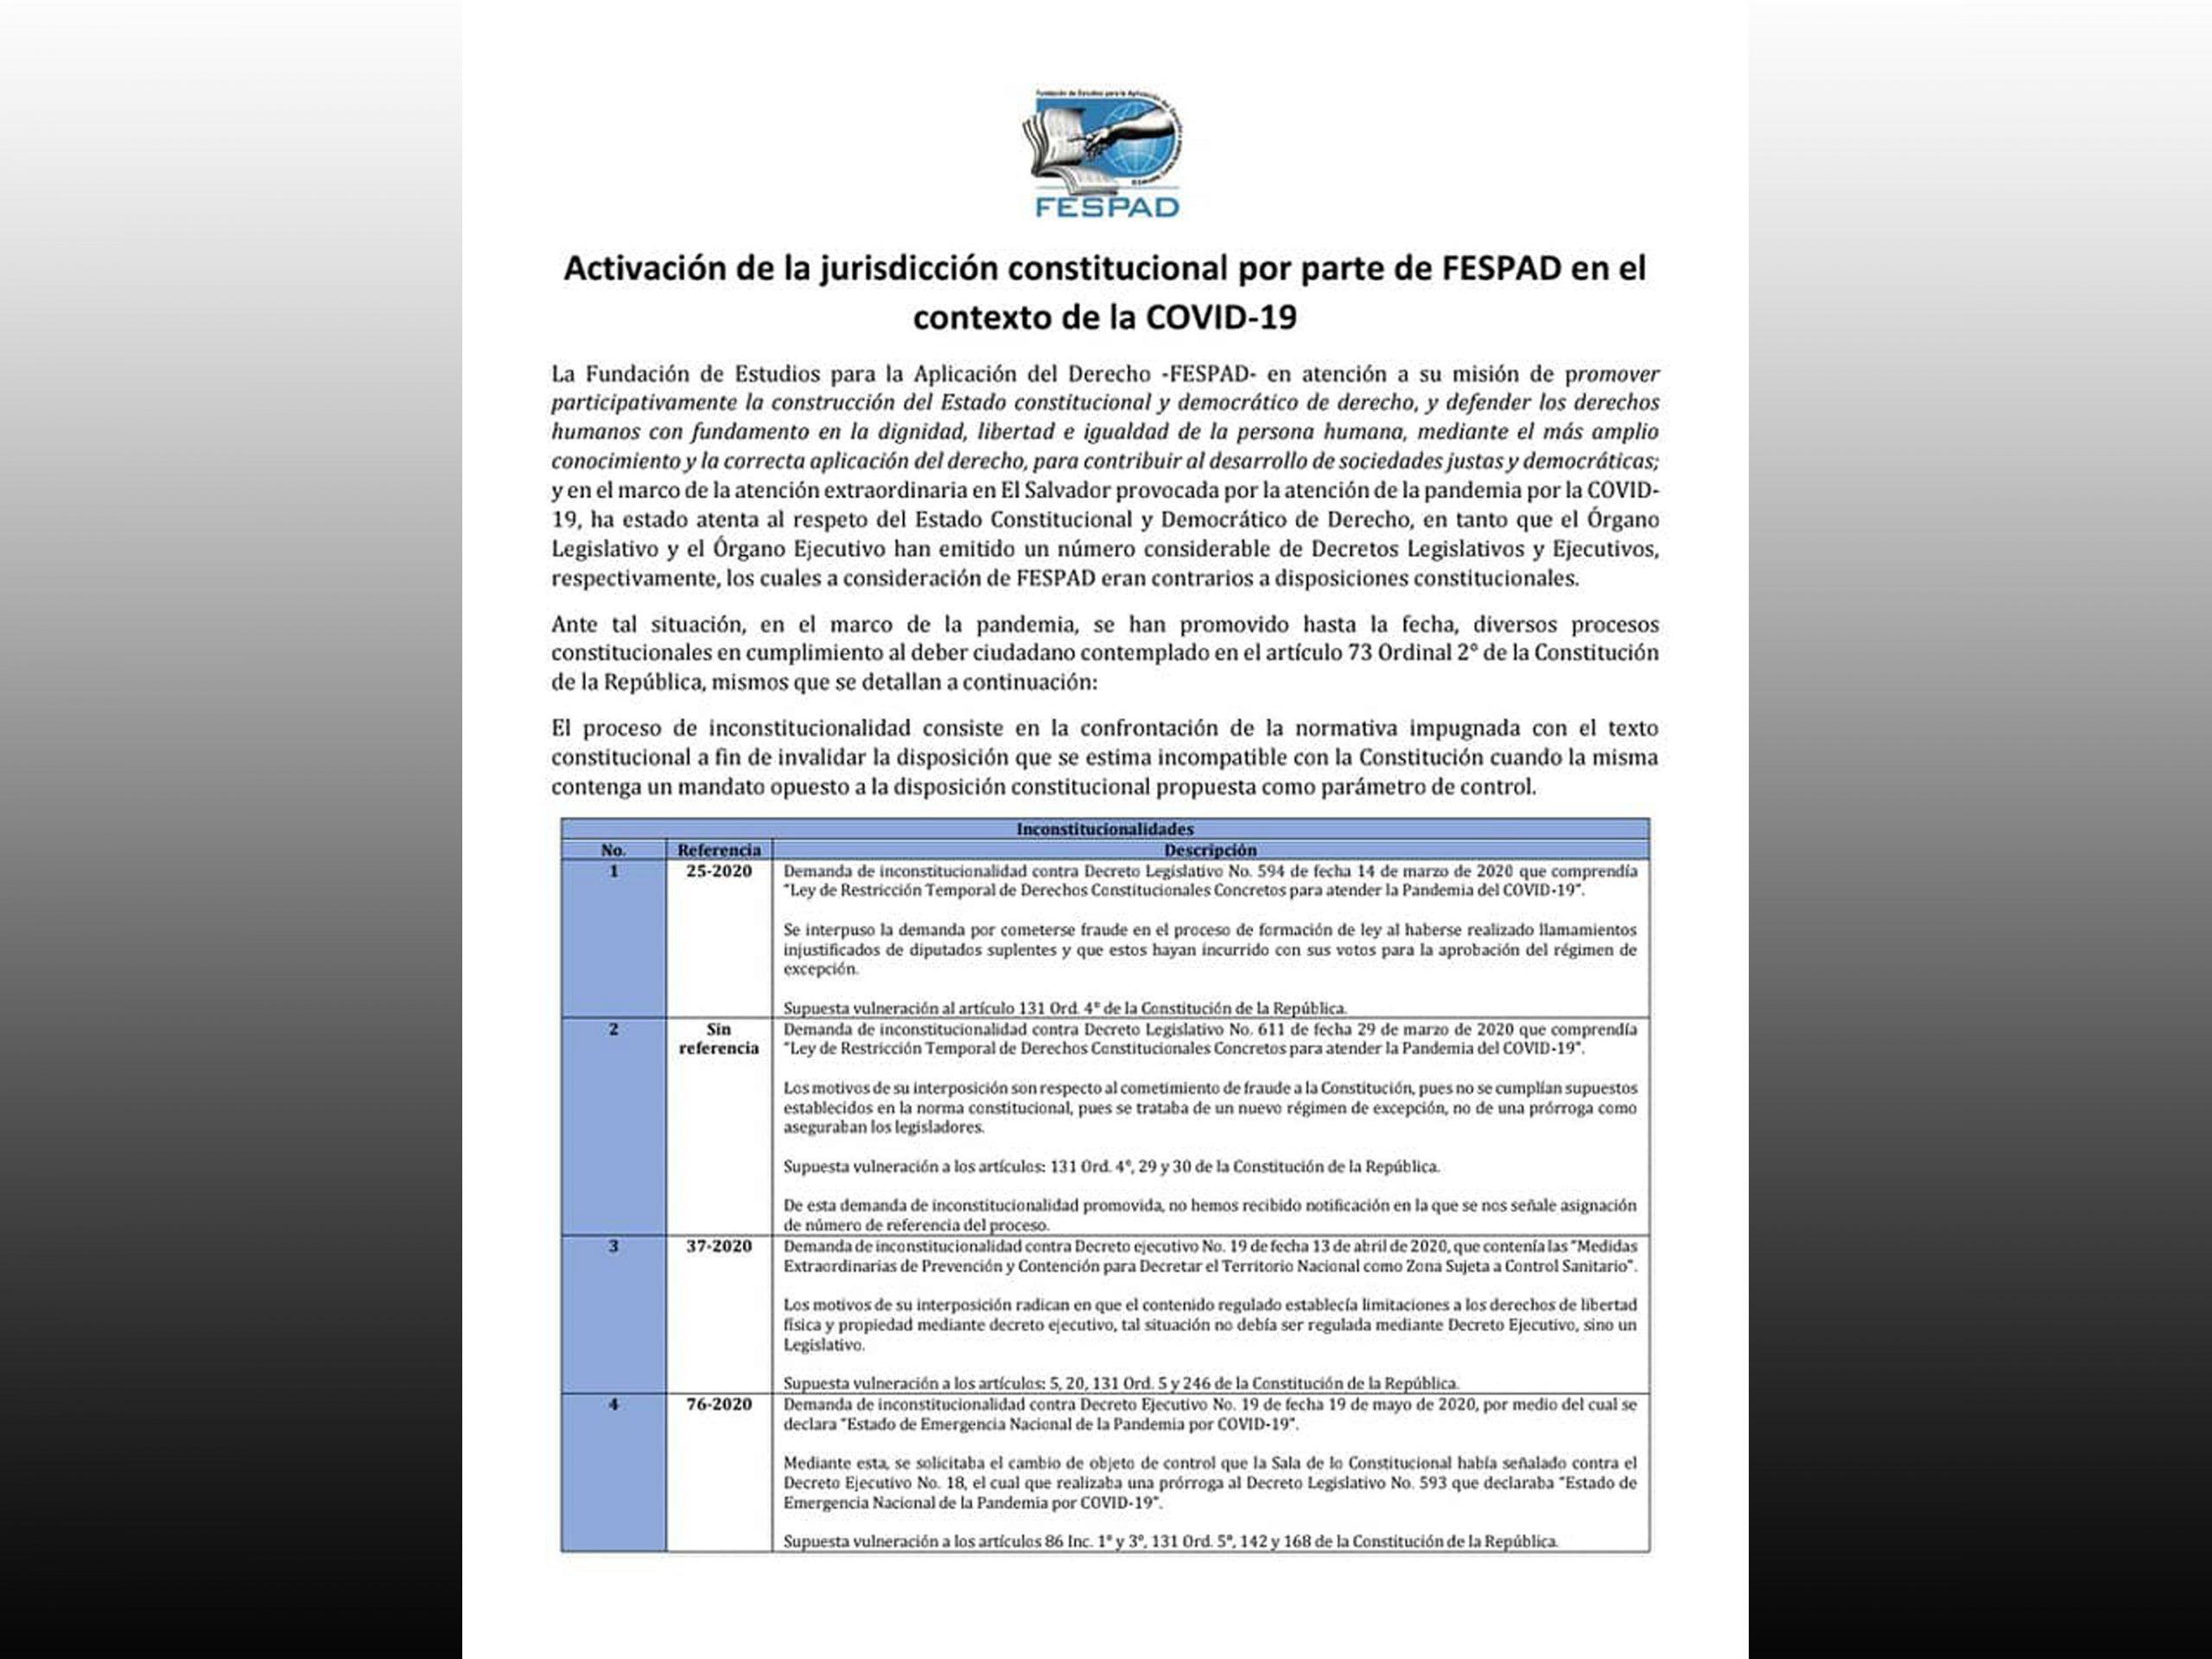 Comunicado: Activación de la jurisdicción constitucional por parte de FESPAD en el contexto de la COVID-19